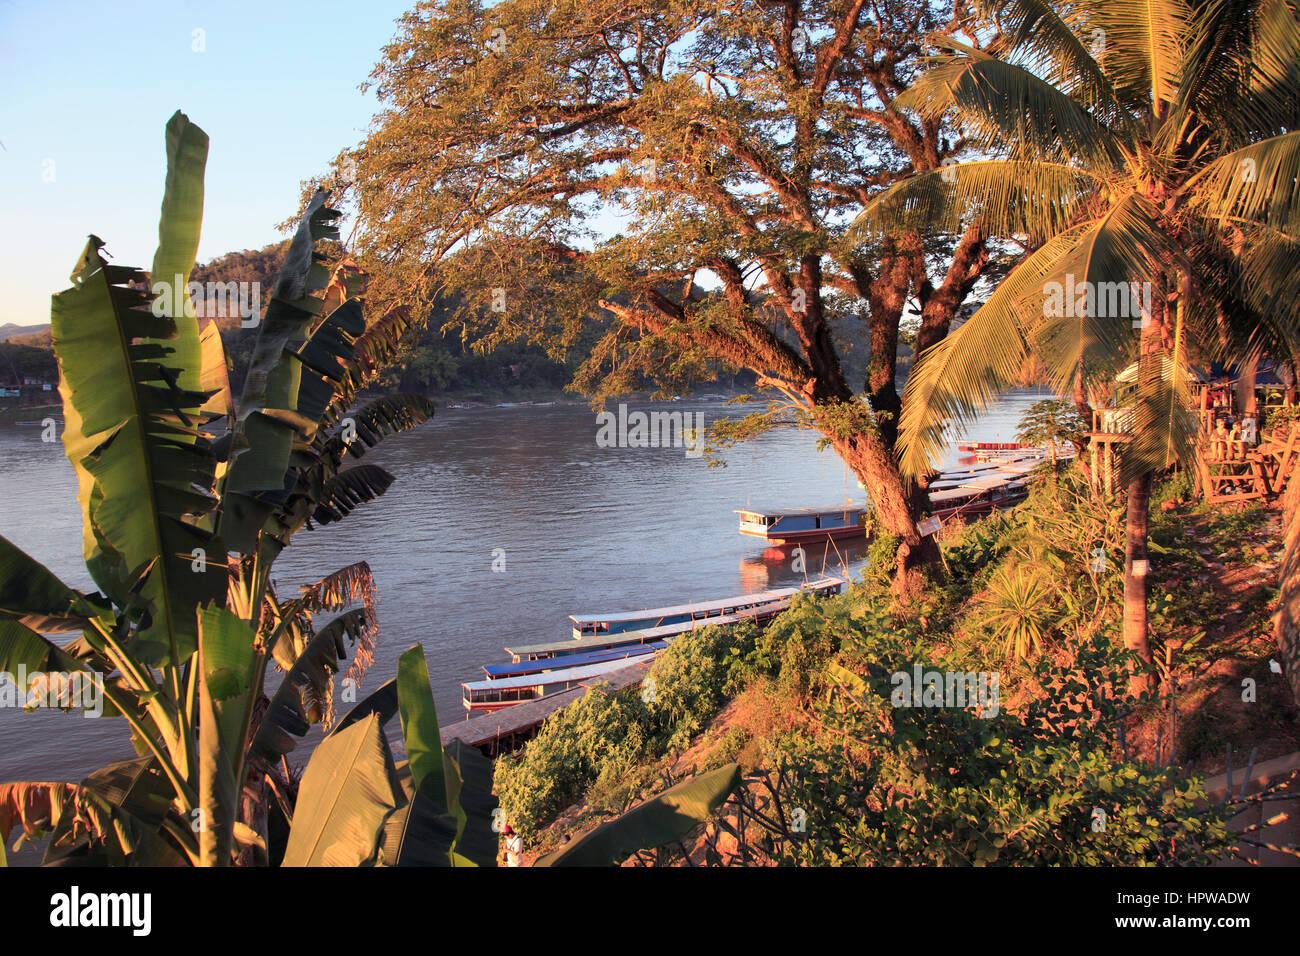 Laos, Luang Prabang, Mekong-Fluss, Stockfoto